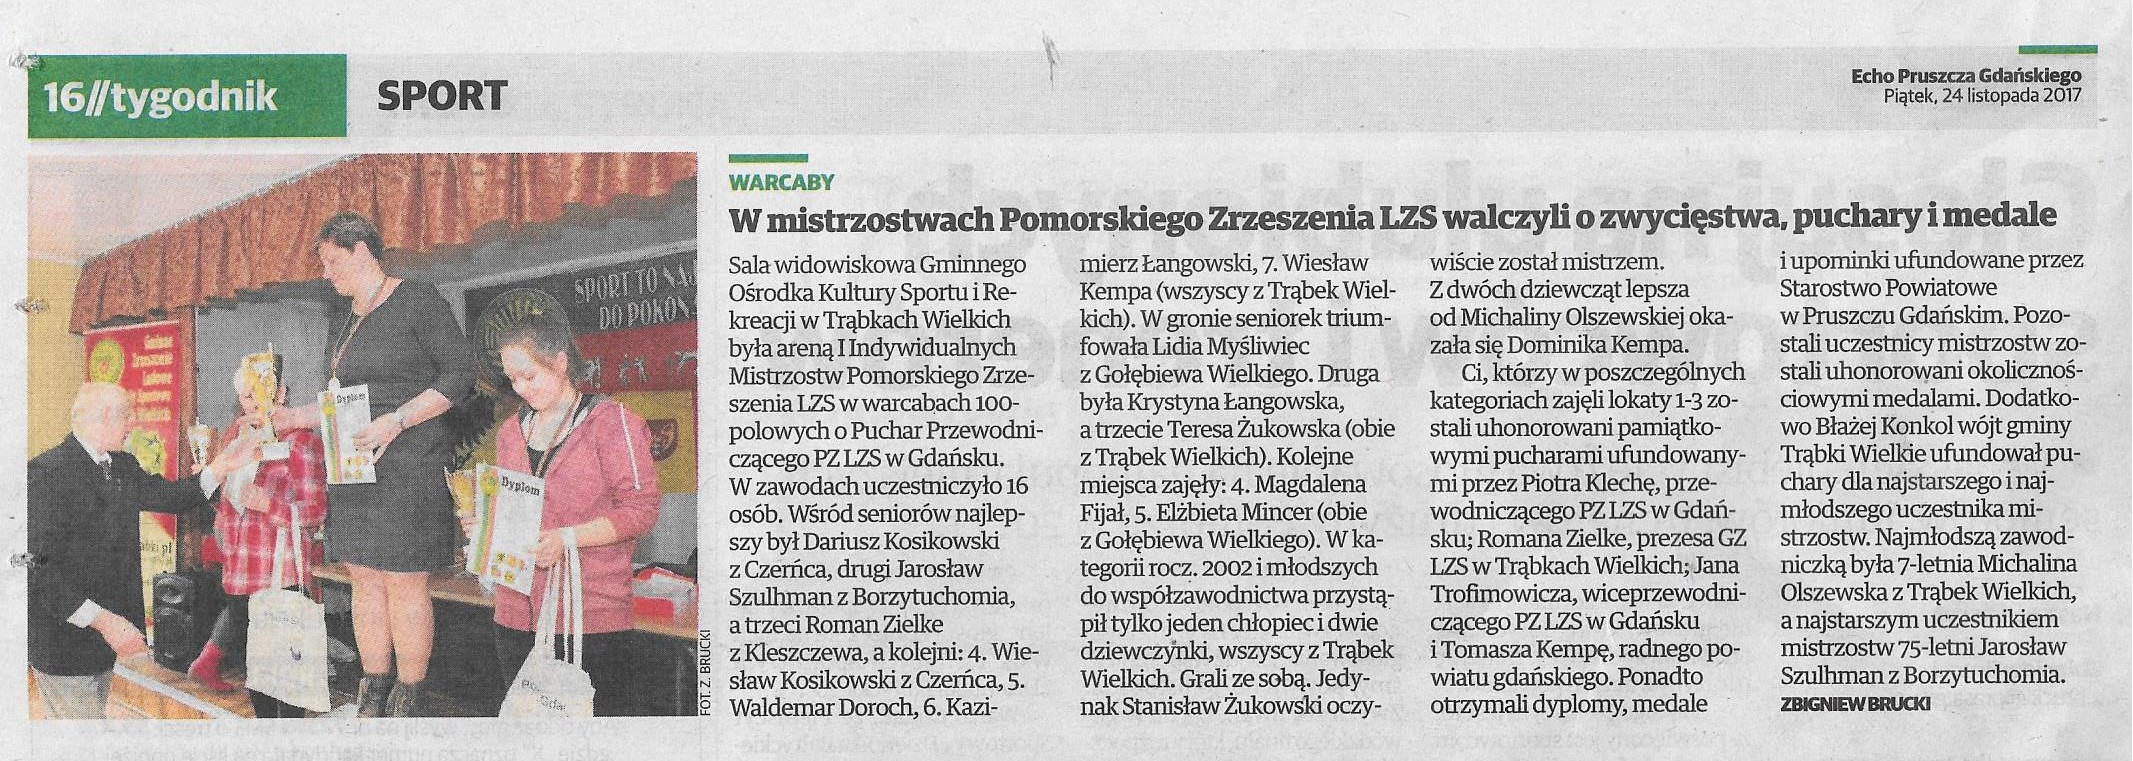 Echo Pruszcza Gdańskiego, 24.11.2017